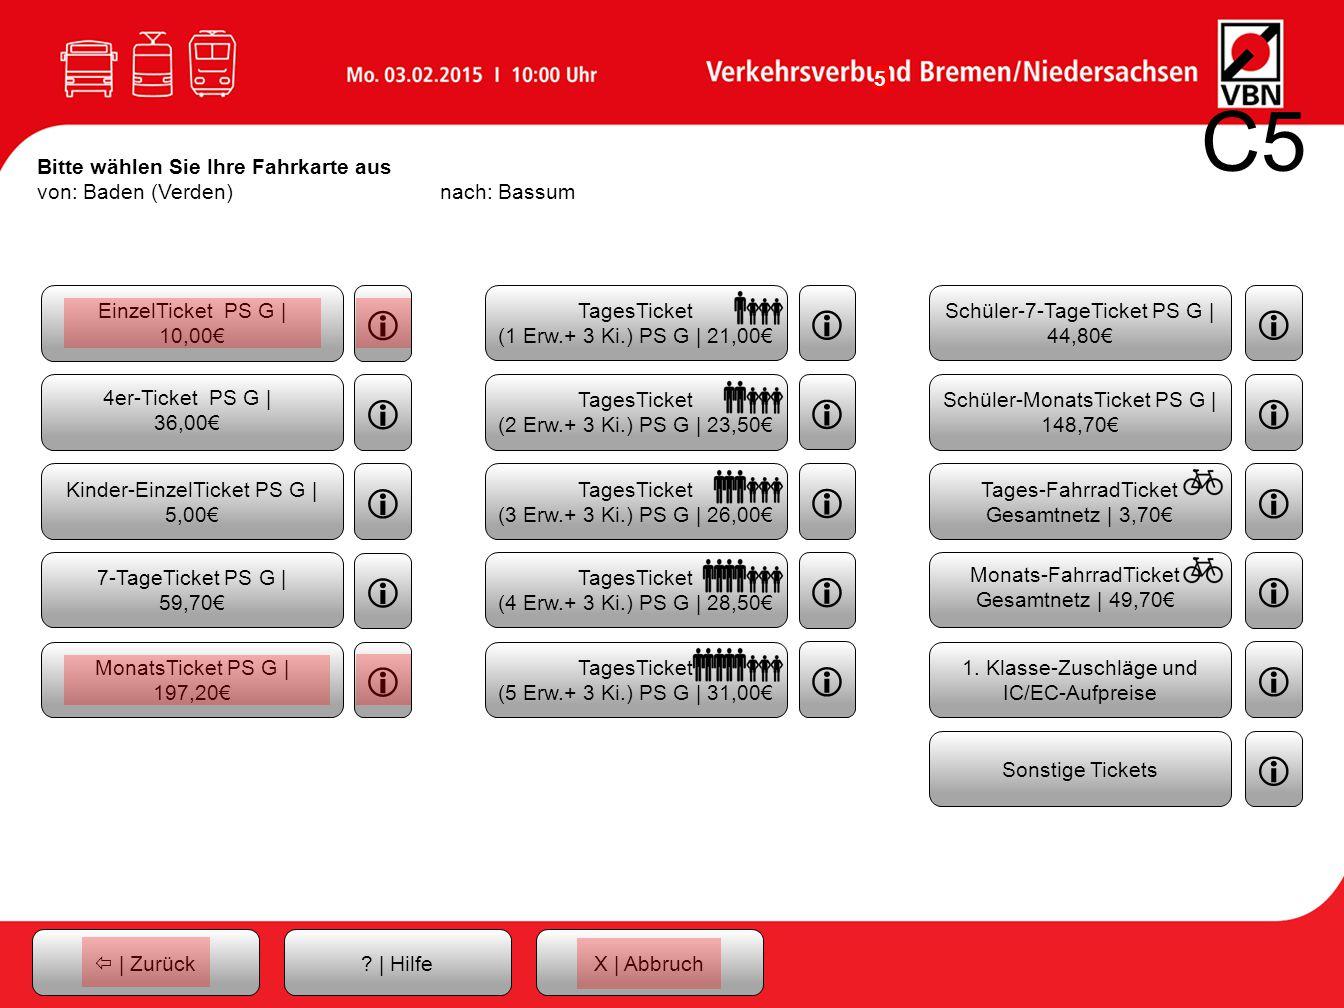 C5 Bitte wählen Sie Ihre Fahrkarte aus von: Baden (Verden) nach: Bassum. EinzelTicket PS G | 10,00€